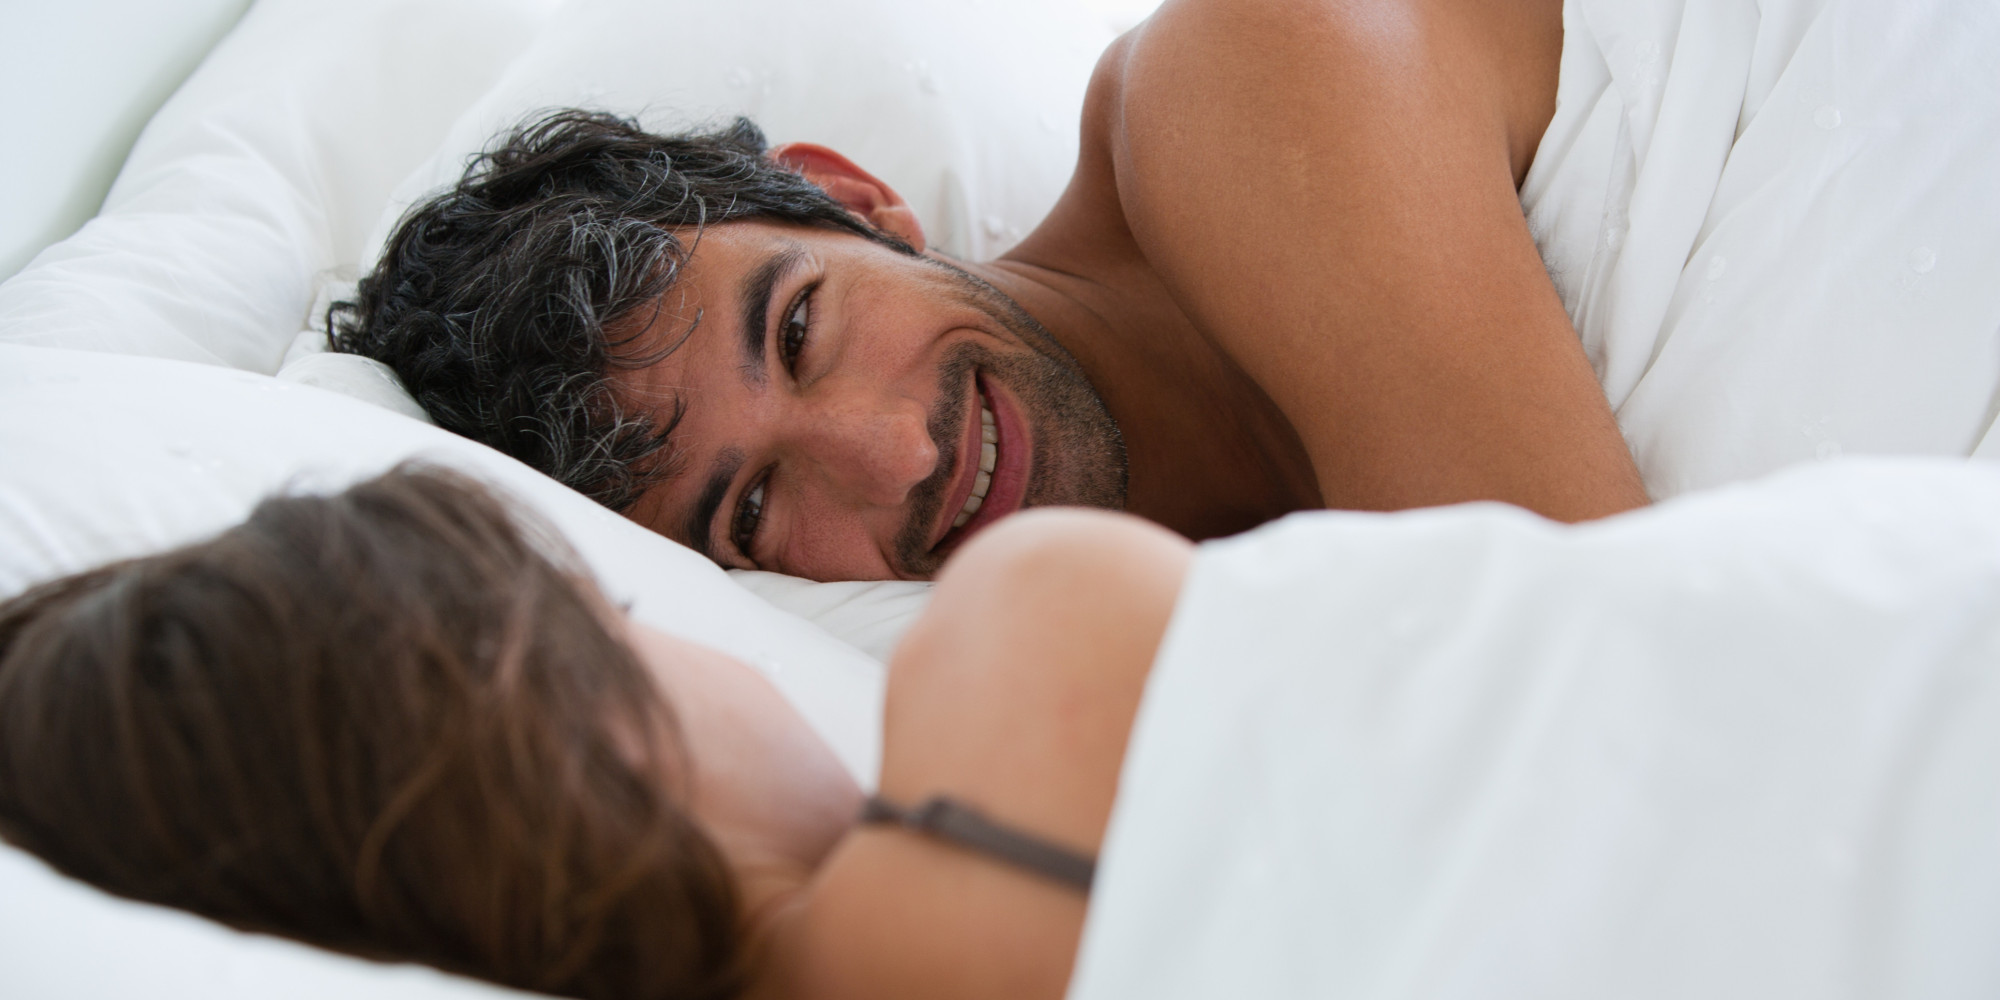 Száraz humping - Útmutató az intenzív orgazmushoz szex nélkül